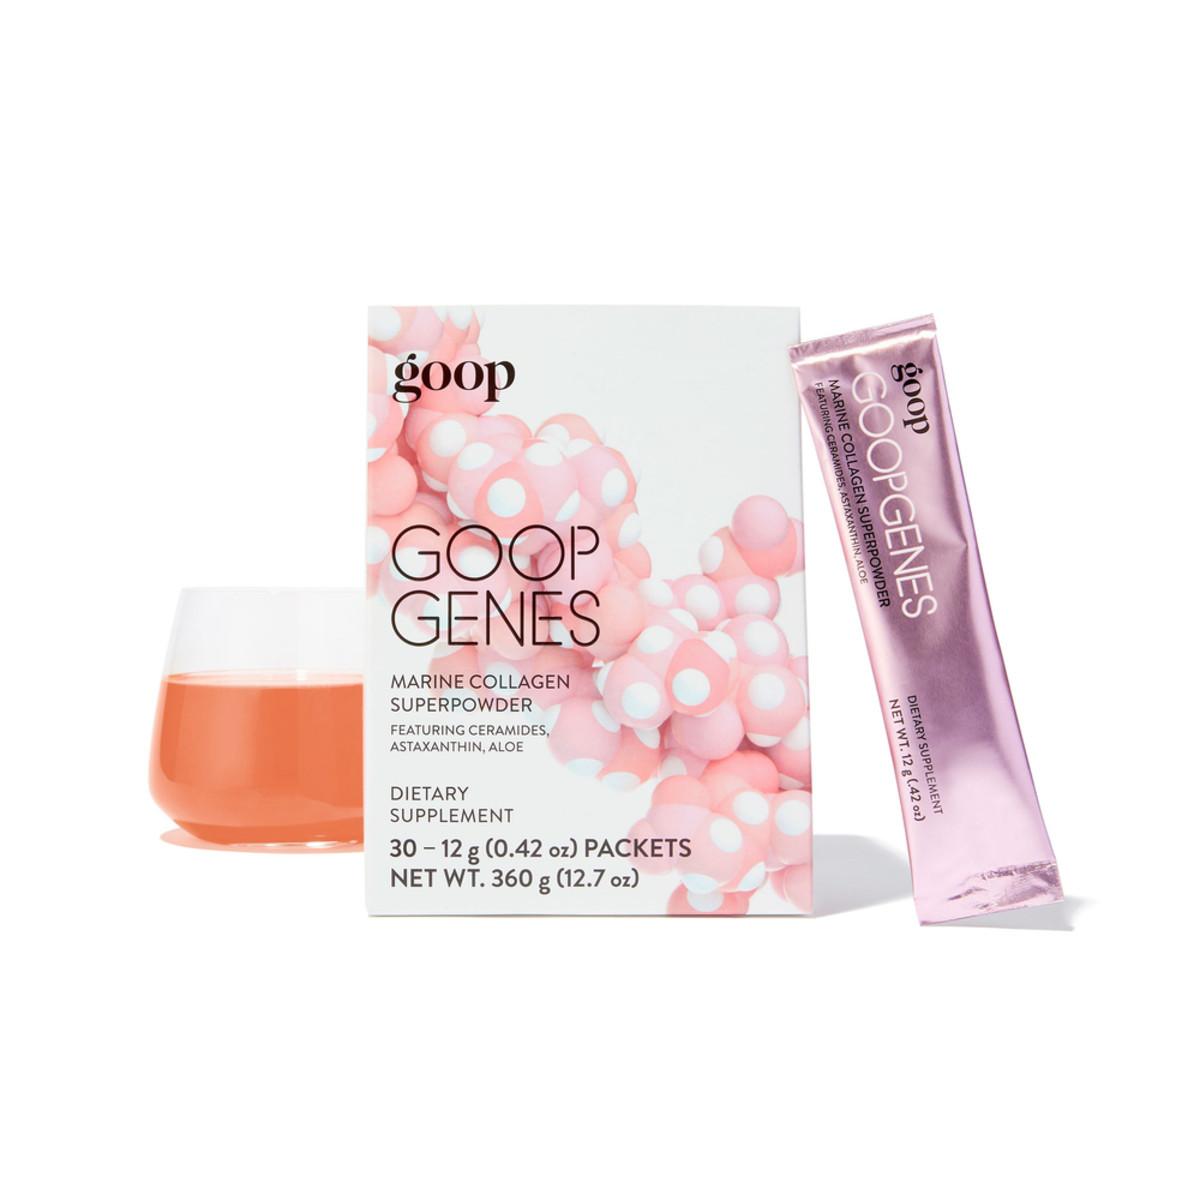 GoopGenes Marine Collagen Superpowderis designed to mix with water.